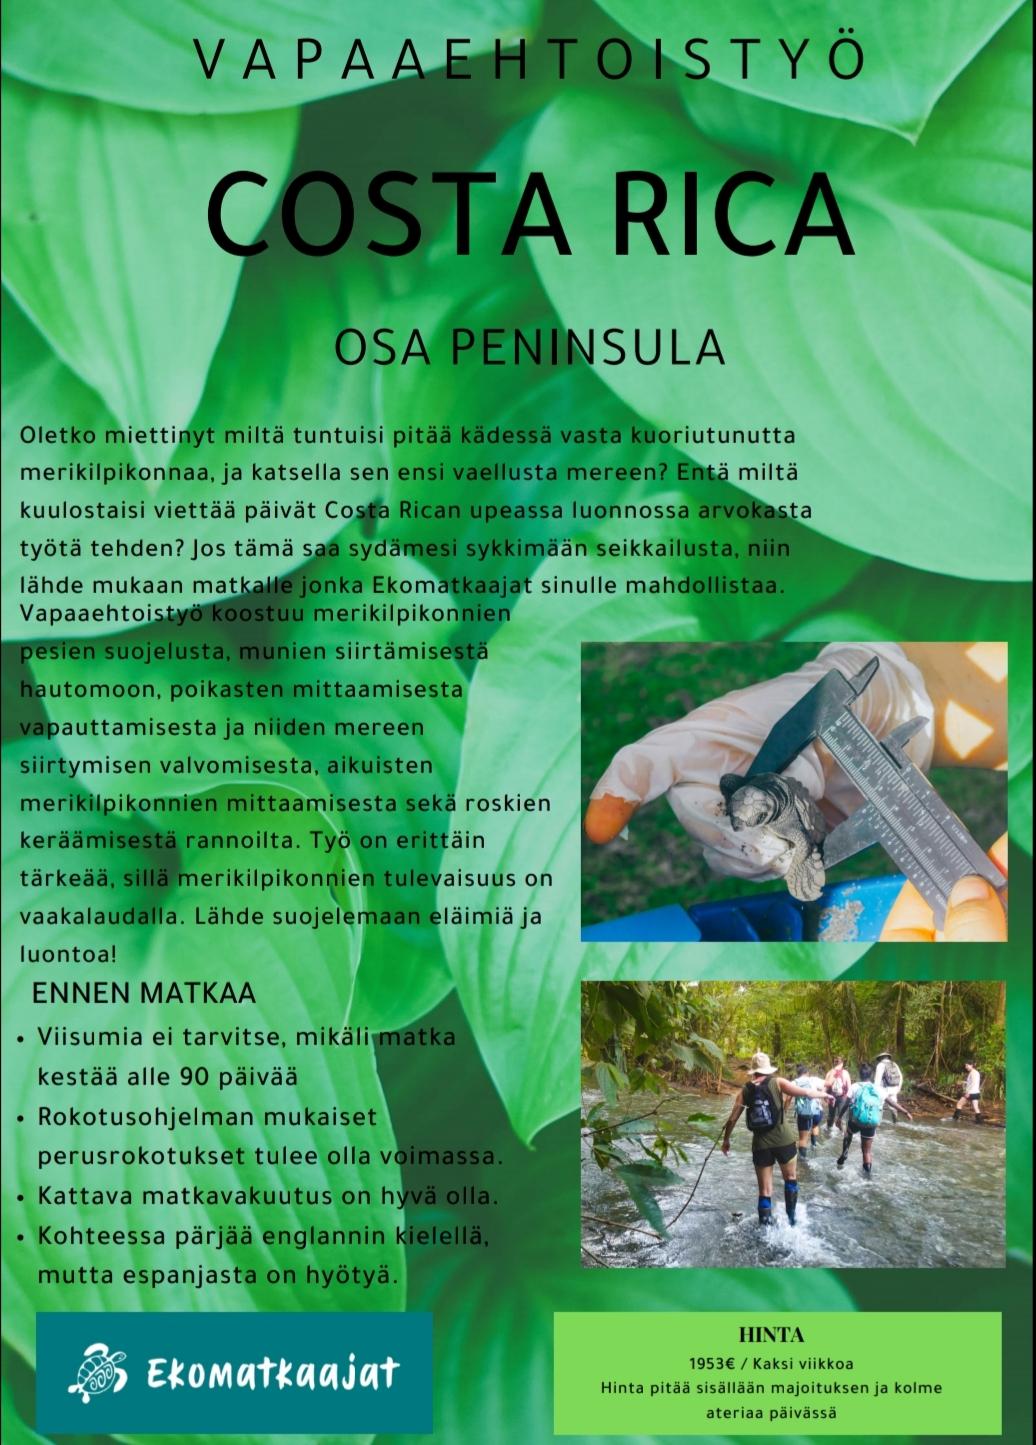 Tässä tekemäni mainos Costa Rican yhdestä kohteestamme.